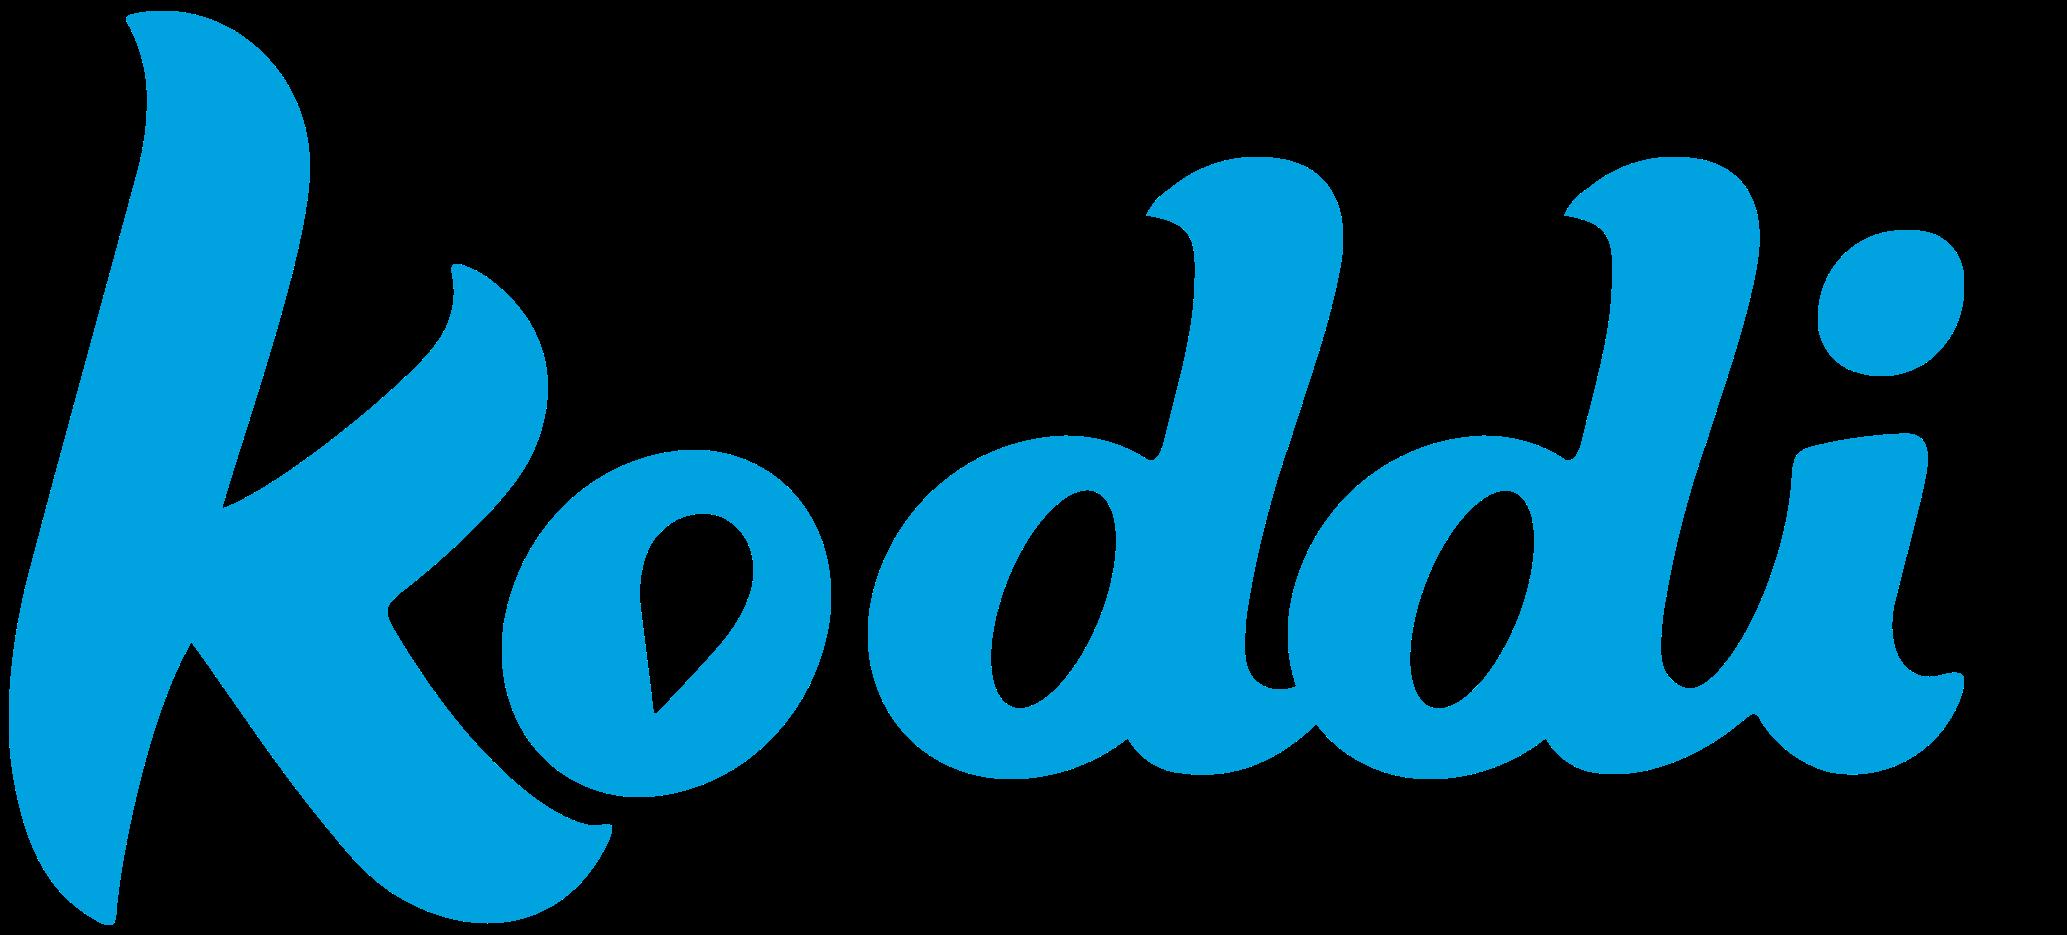 Koddi